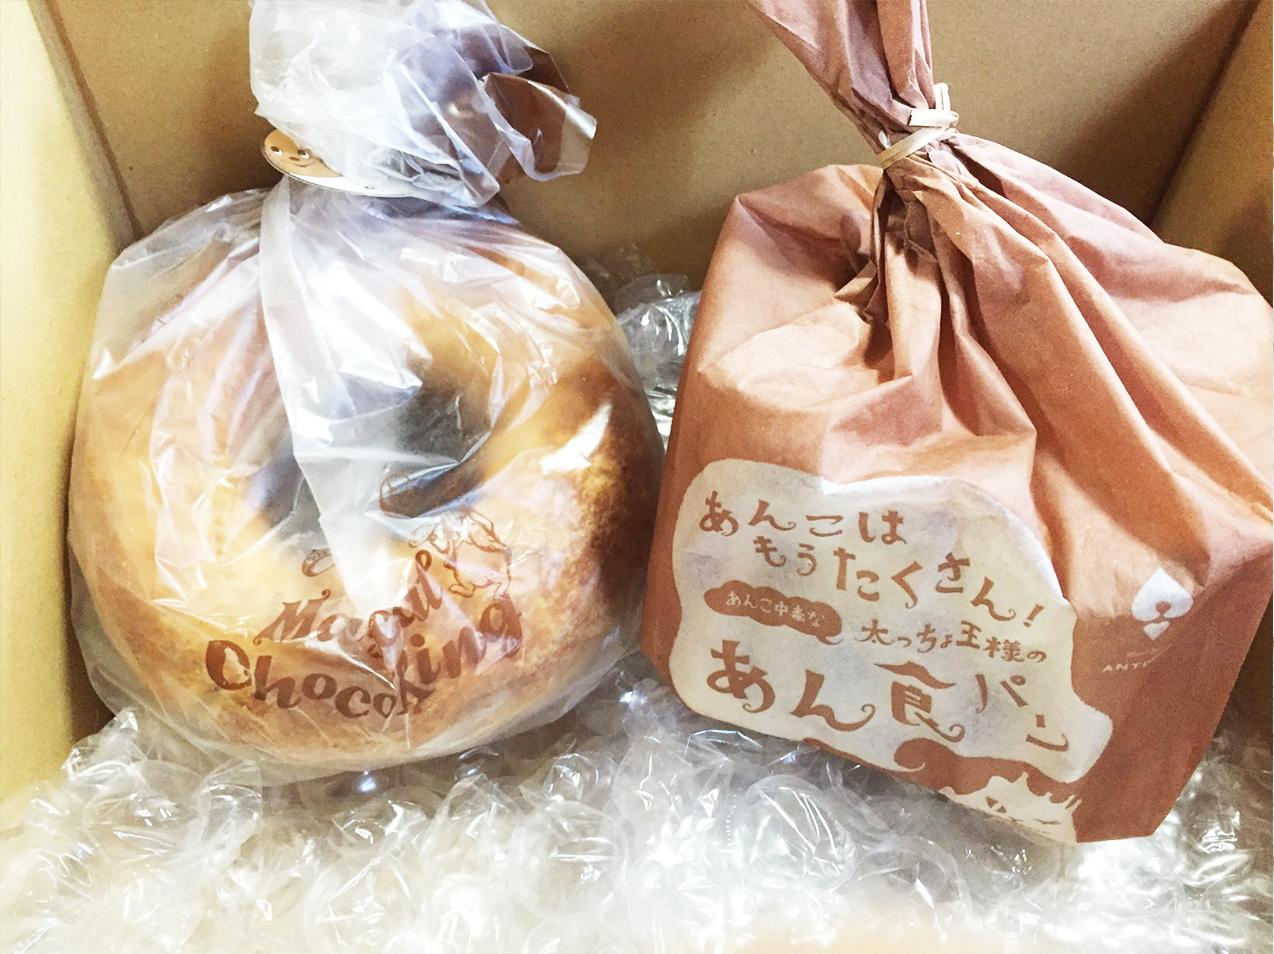 包装にもこだわったアンティークのパン